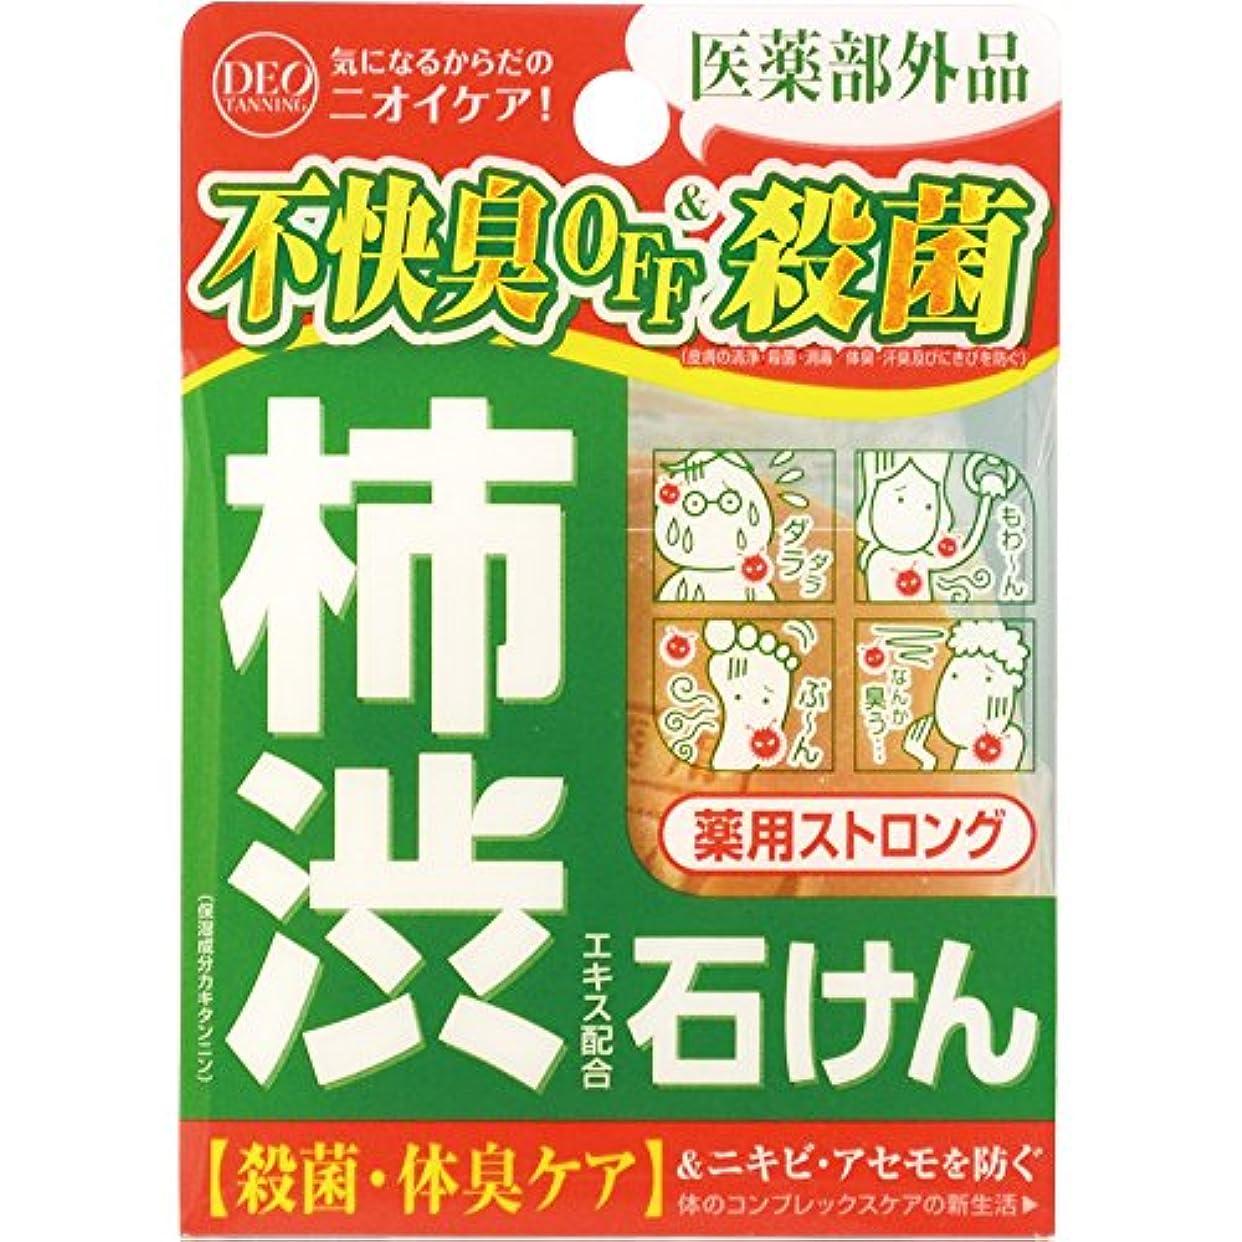 従順一人で操るデオタンニング 薬用ストロング ソープ 100g (医薬部外品)